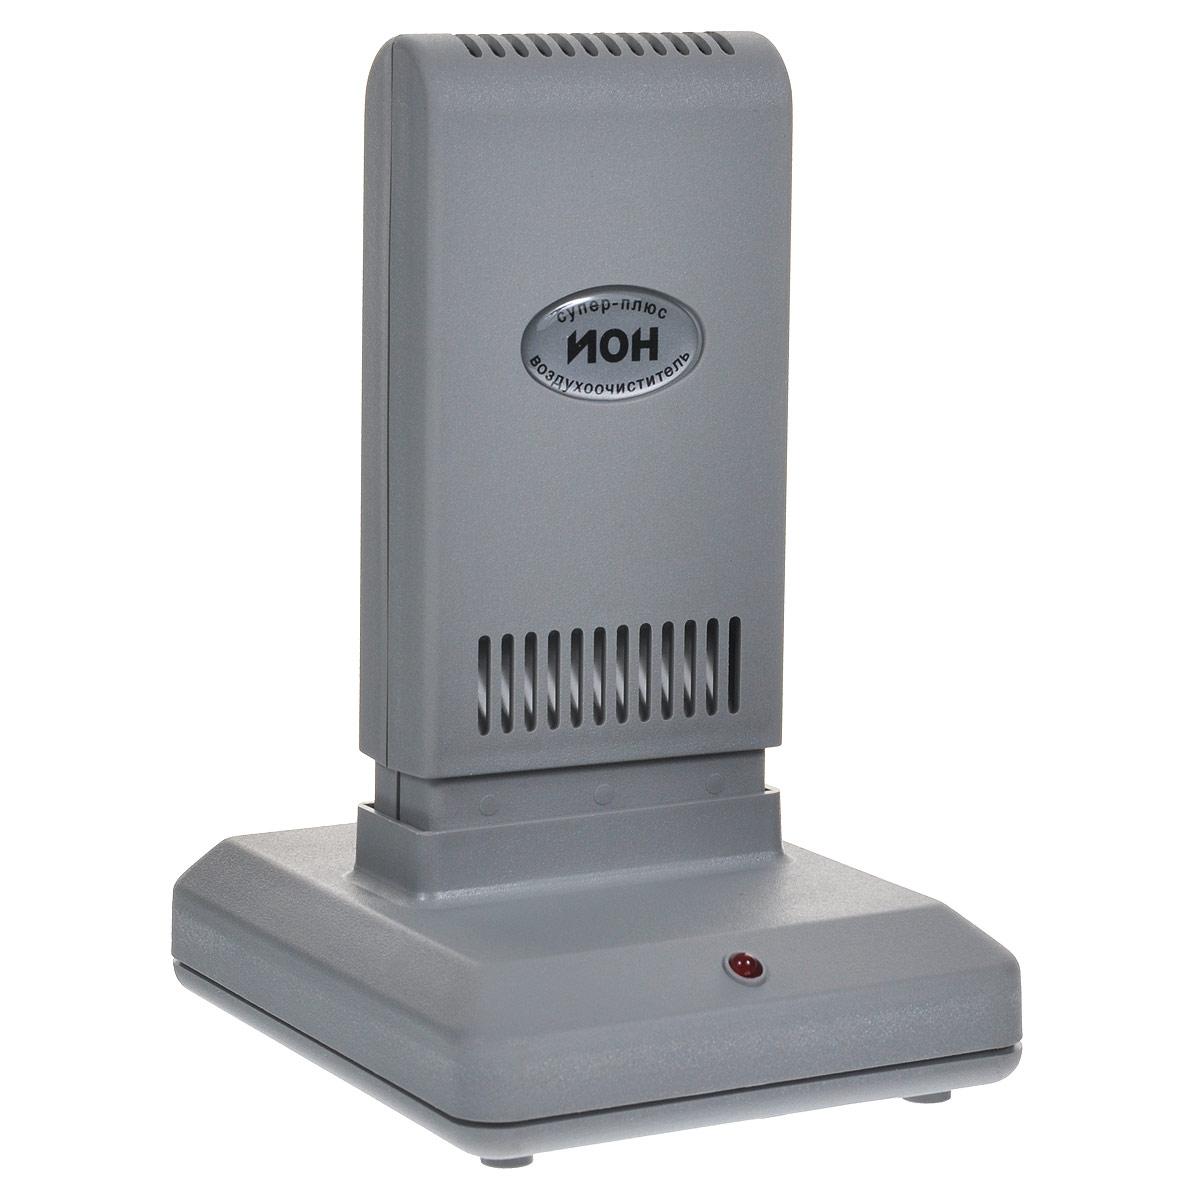 Супер Плюс Ион очиститель-ионизатор воздуха1921Работа прибора Супер Плюс Ион основана на принципе ионного ветра, который возникает в результате коронного разряда и обеспечивает движение потока воздуха через кассету прибора, при этом насыщаются ионами частицы аэрозоля (пыль, дым, микроорганизмы), загрязняющие воздух, всасываются вместе с воздухом в кассету, приобретая электрический заряд и под действием электростатического поля прилипают к осадительным пластинам, расположенным внутри кассеты. Одновременно происходит дополнительная наружная очистка воздуха. Аэрозольные, то есть взвешенные в воздухе, не прошедшие через очистную камеру частицы, взаимодействуют с отрицательными ионами и приобретают отрицательный заряд. Эти частицы притягиваются положительно заряженными поверхностями (это может быть пол, стены, экран телевизора). В результате происходит дополнительная очистка воздуха, а влажную уборку поверхностей рекомендуется проводить чаще.Размер улавливаемых частиц в пределах: 0,3-100 мкмЭффективность очистки: до 96 %Концентрация отрицательных аэроионов на расстоянии 1,5 м: до 40000 ион/см3Концентрация озона в помещении объемом 30 м3: не более 10 мкг/м3